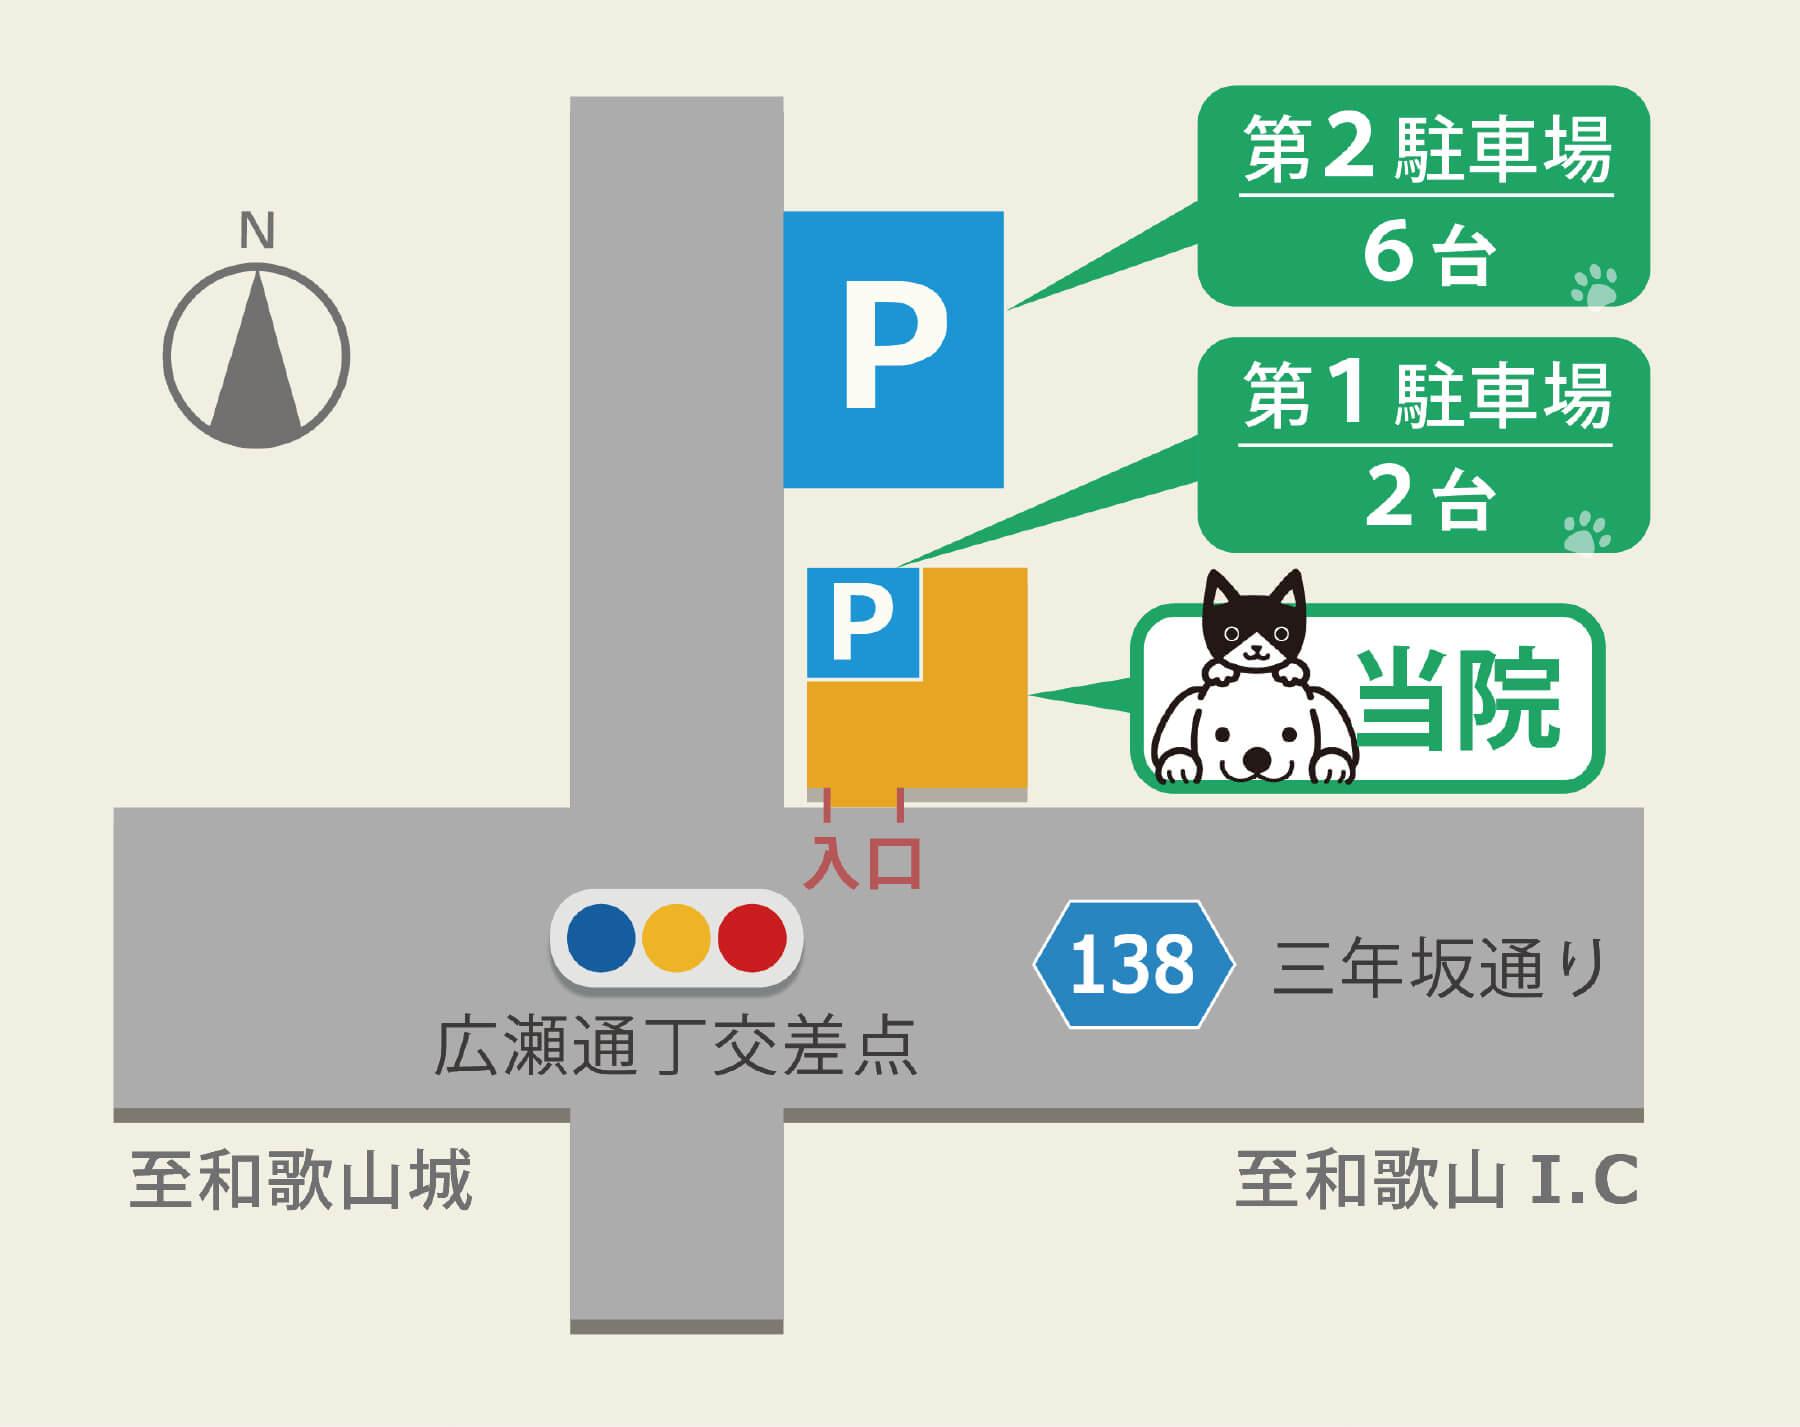 和歌山獣医綜合病院の駐車場